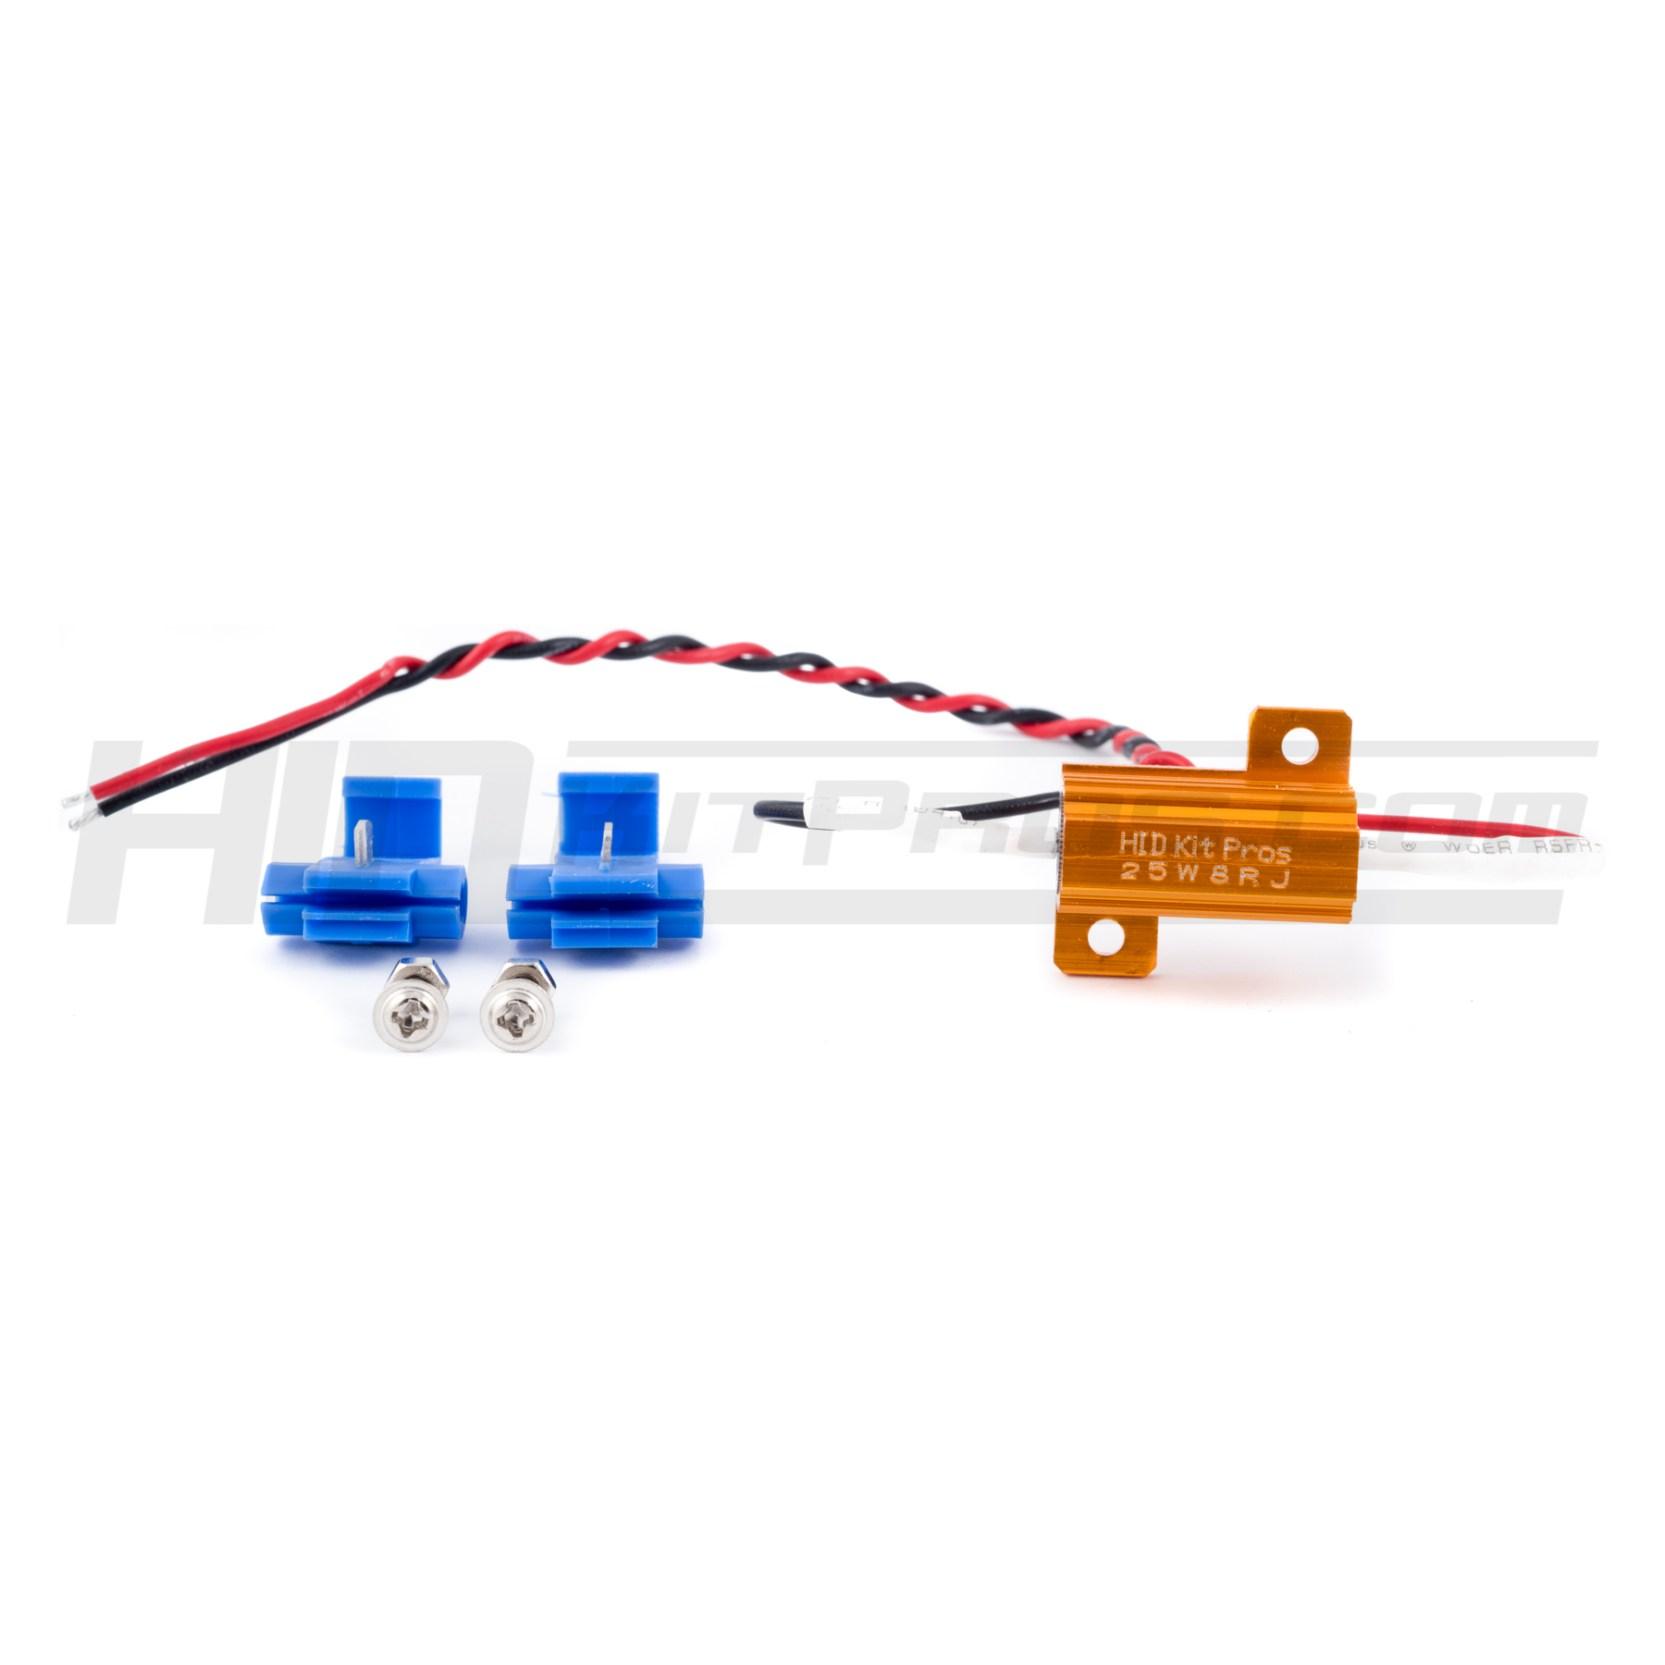 Led Hid Load Resistor Hyper Flash Fix Kit Pros Wiring Diagram On Trailer Lights